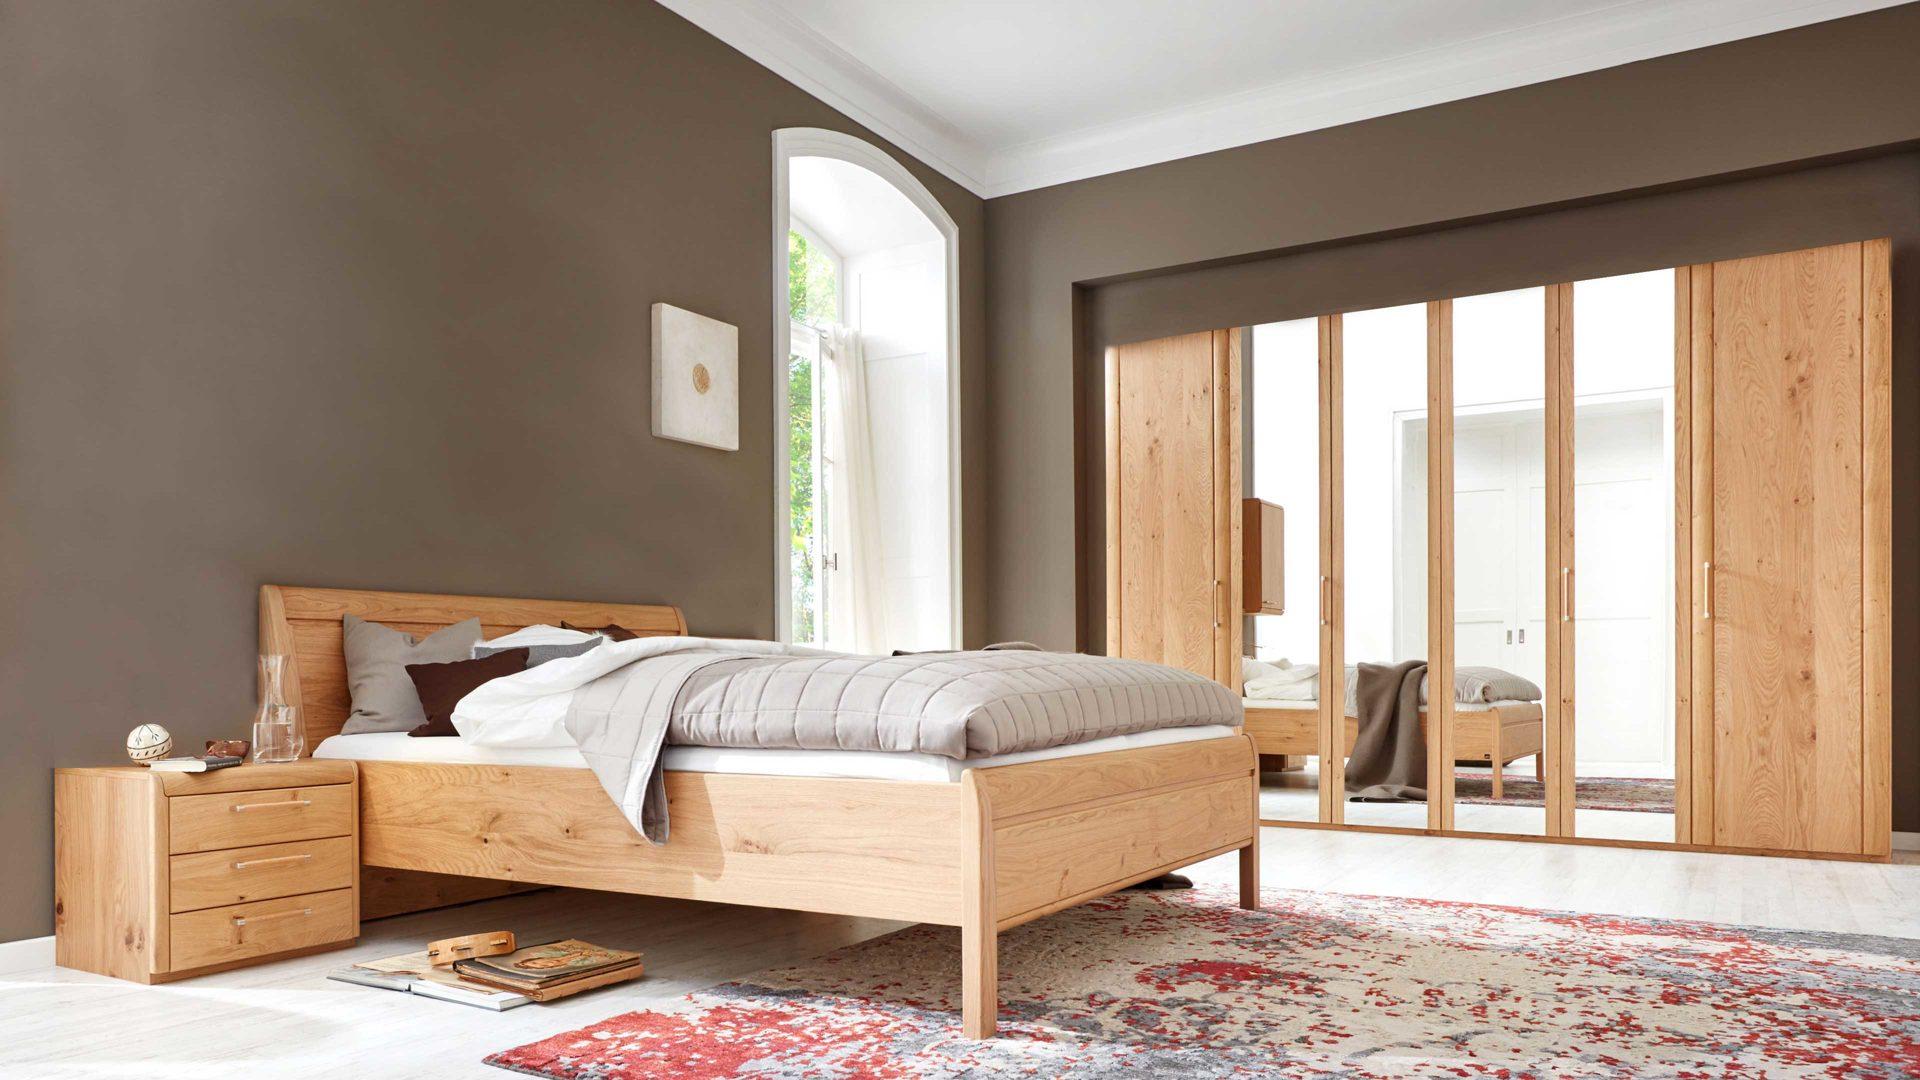 Interliving Schlafzimmer Serie 1001 Komplettzimmer